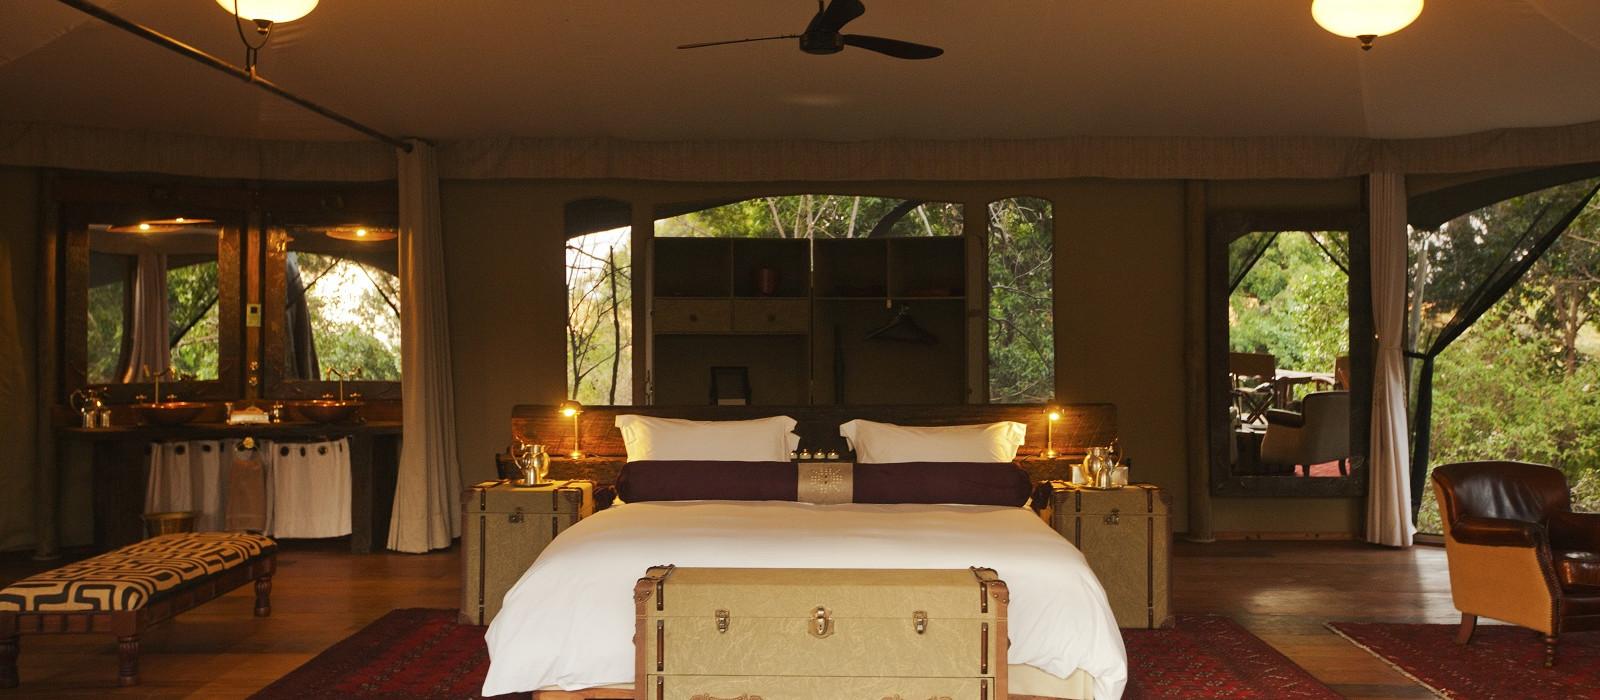 Hotel Mara Plains Camp Kenya